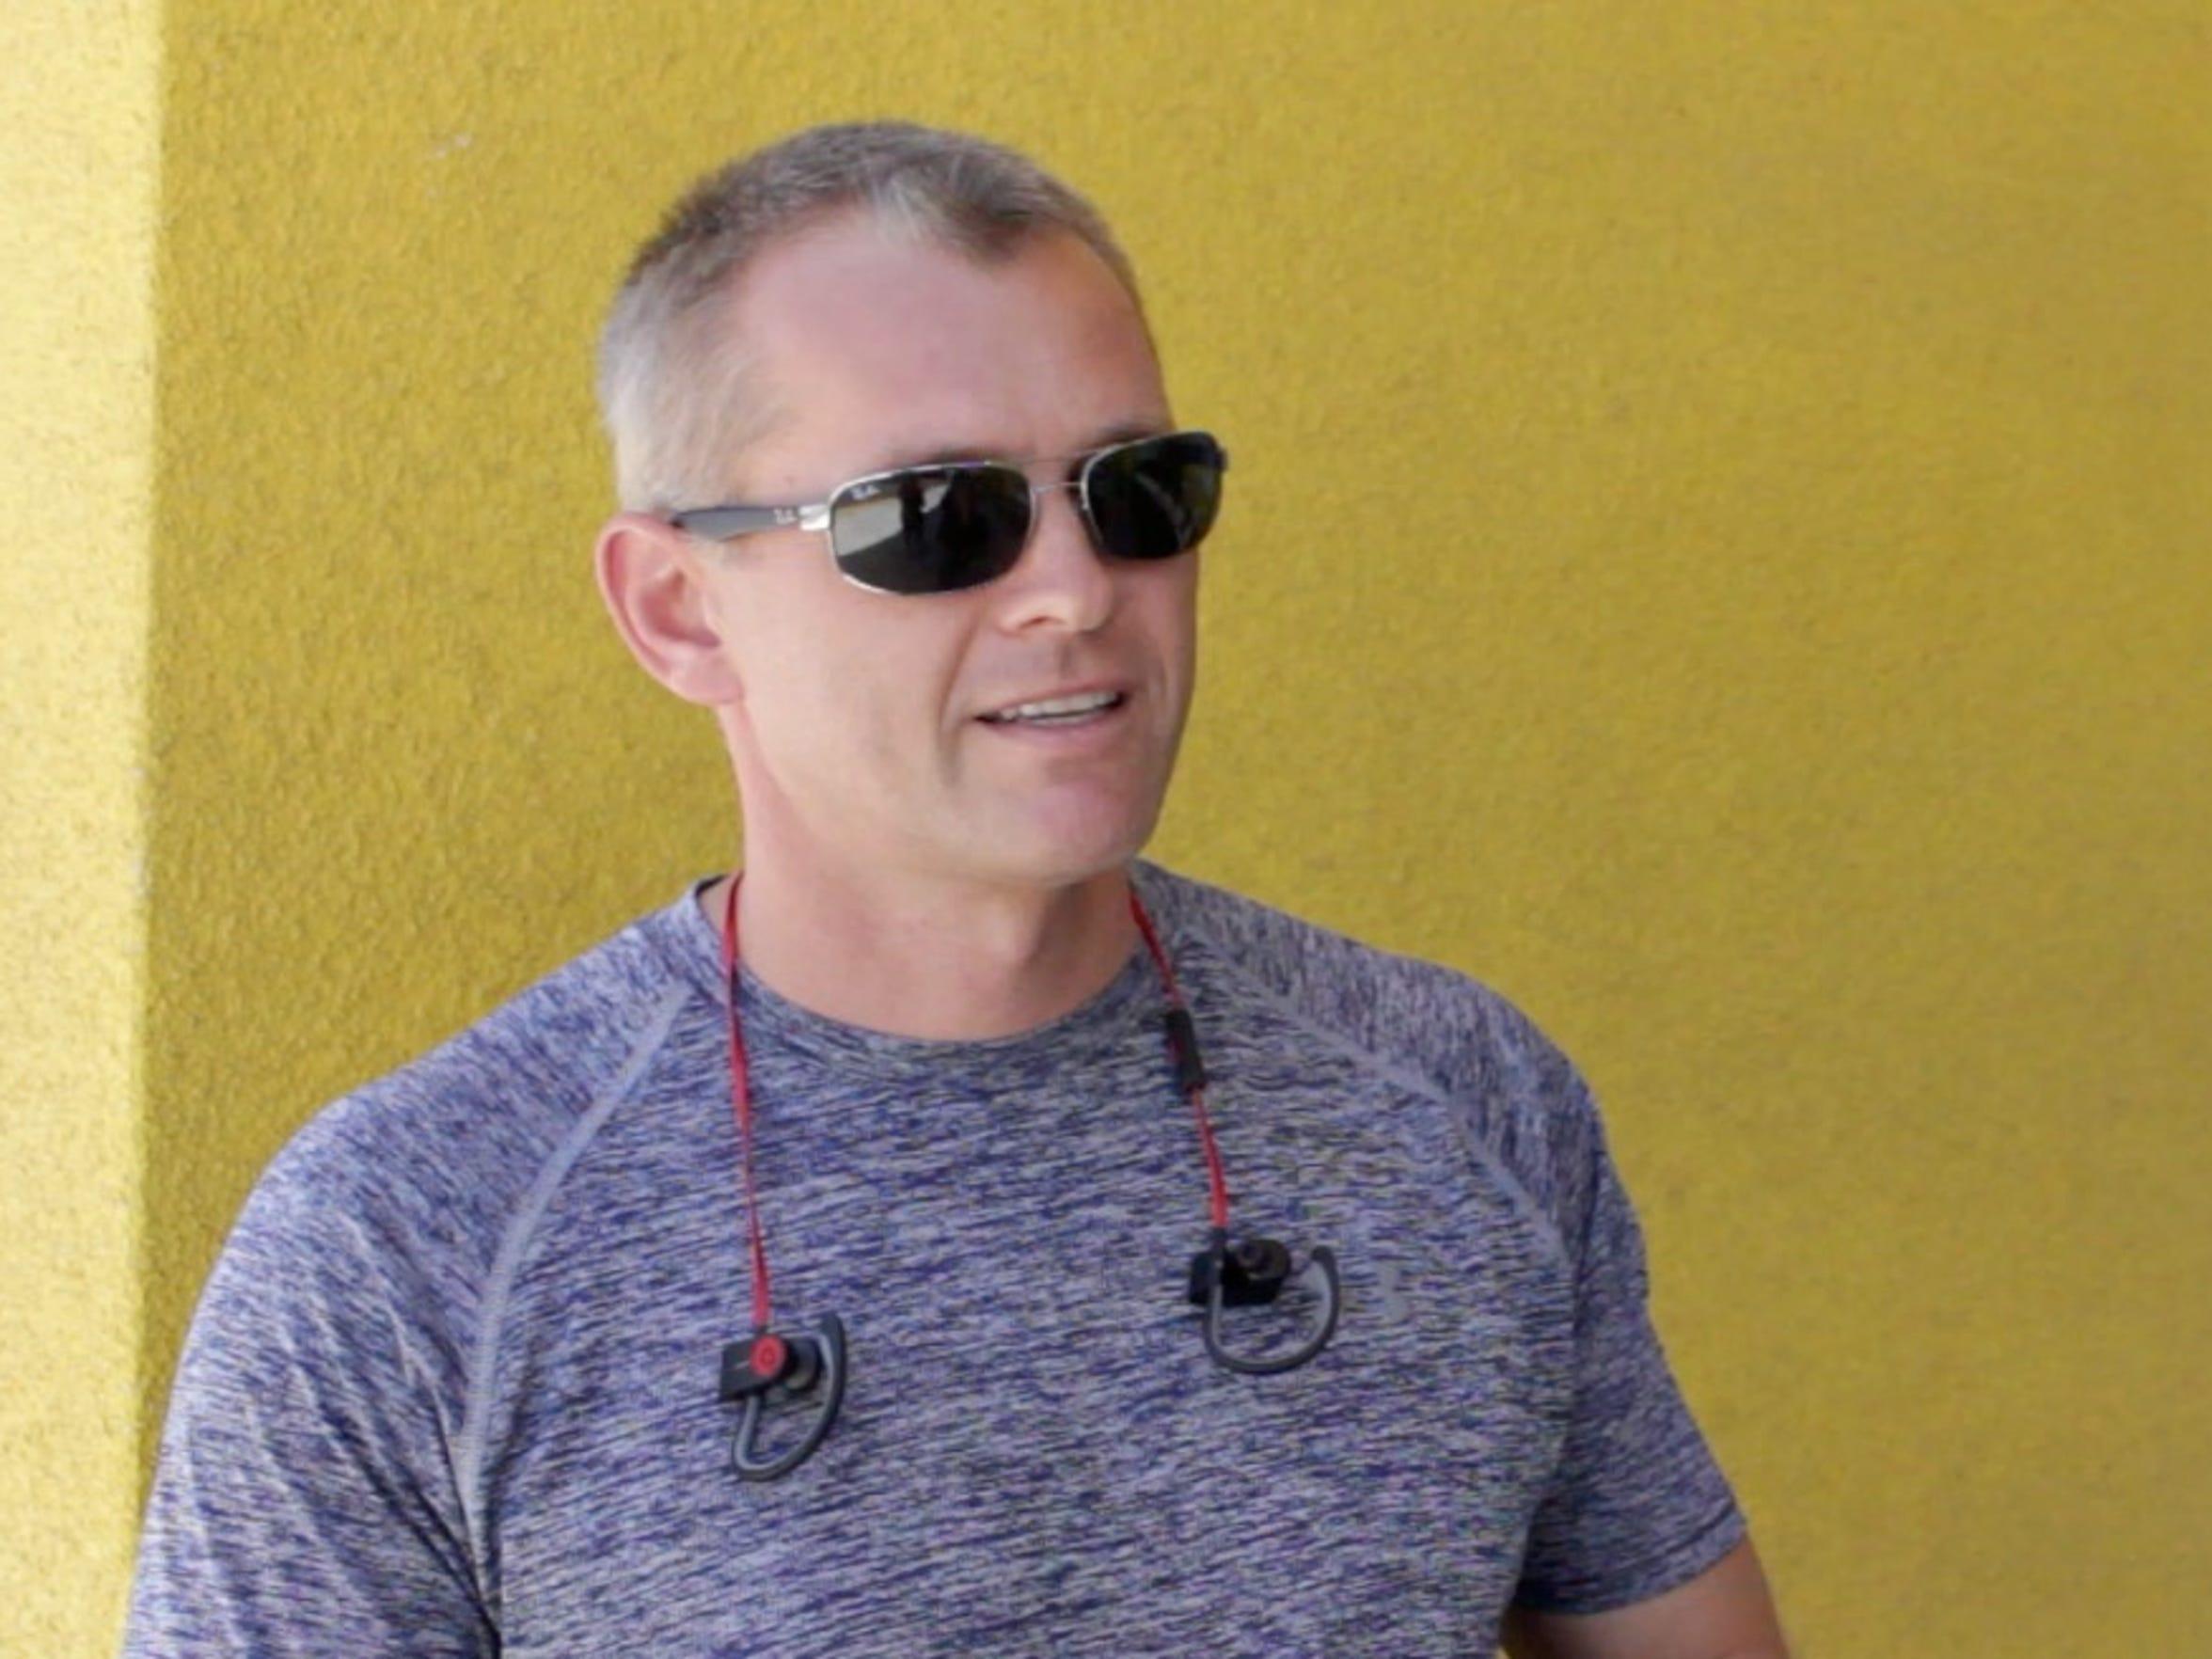 Coachella resident Gregory Iosza said he would bike on the CV Link pathway.